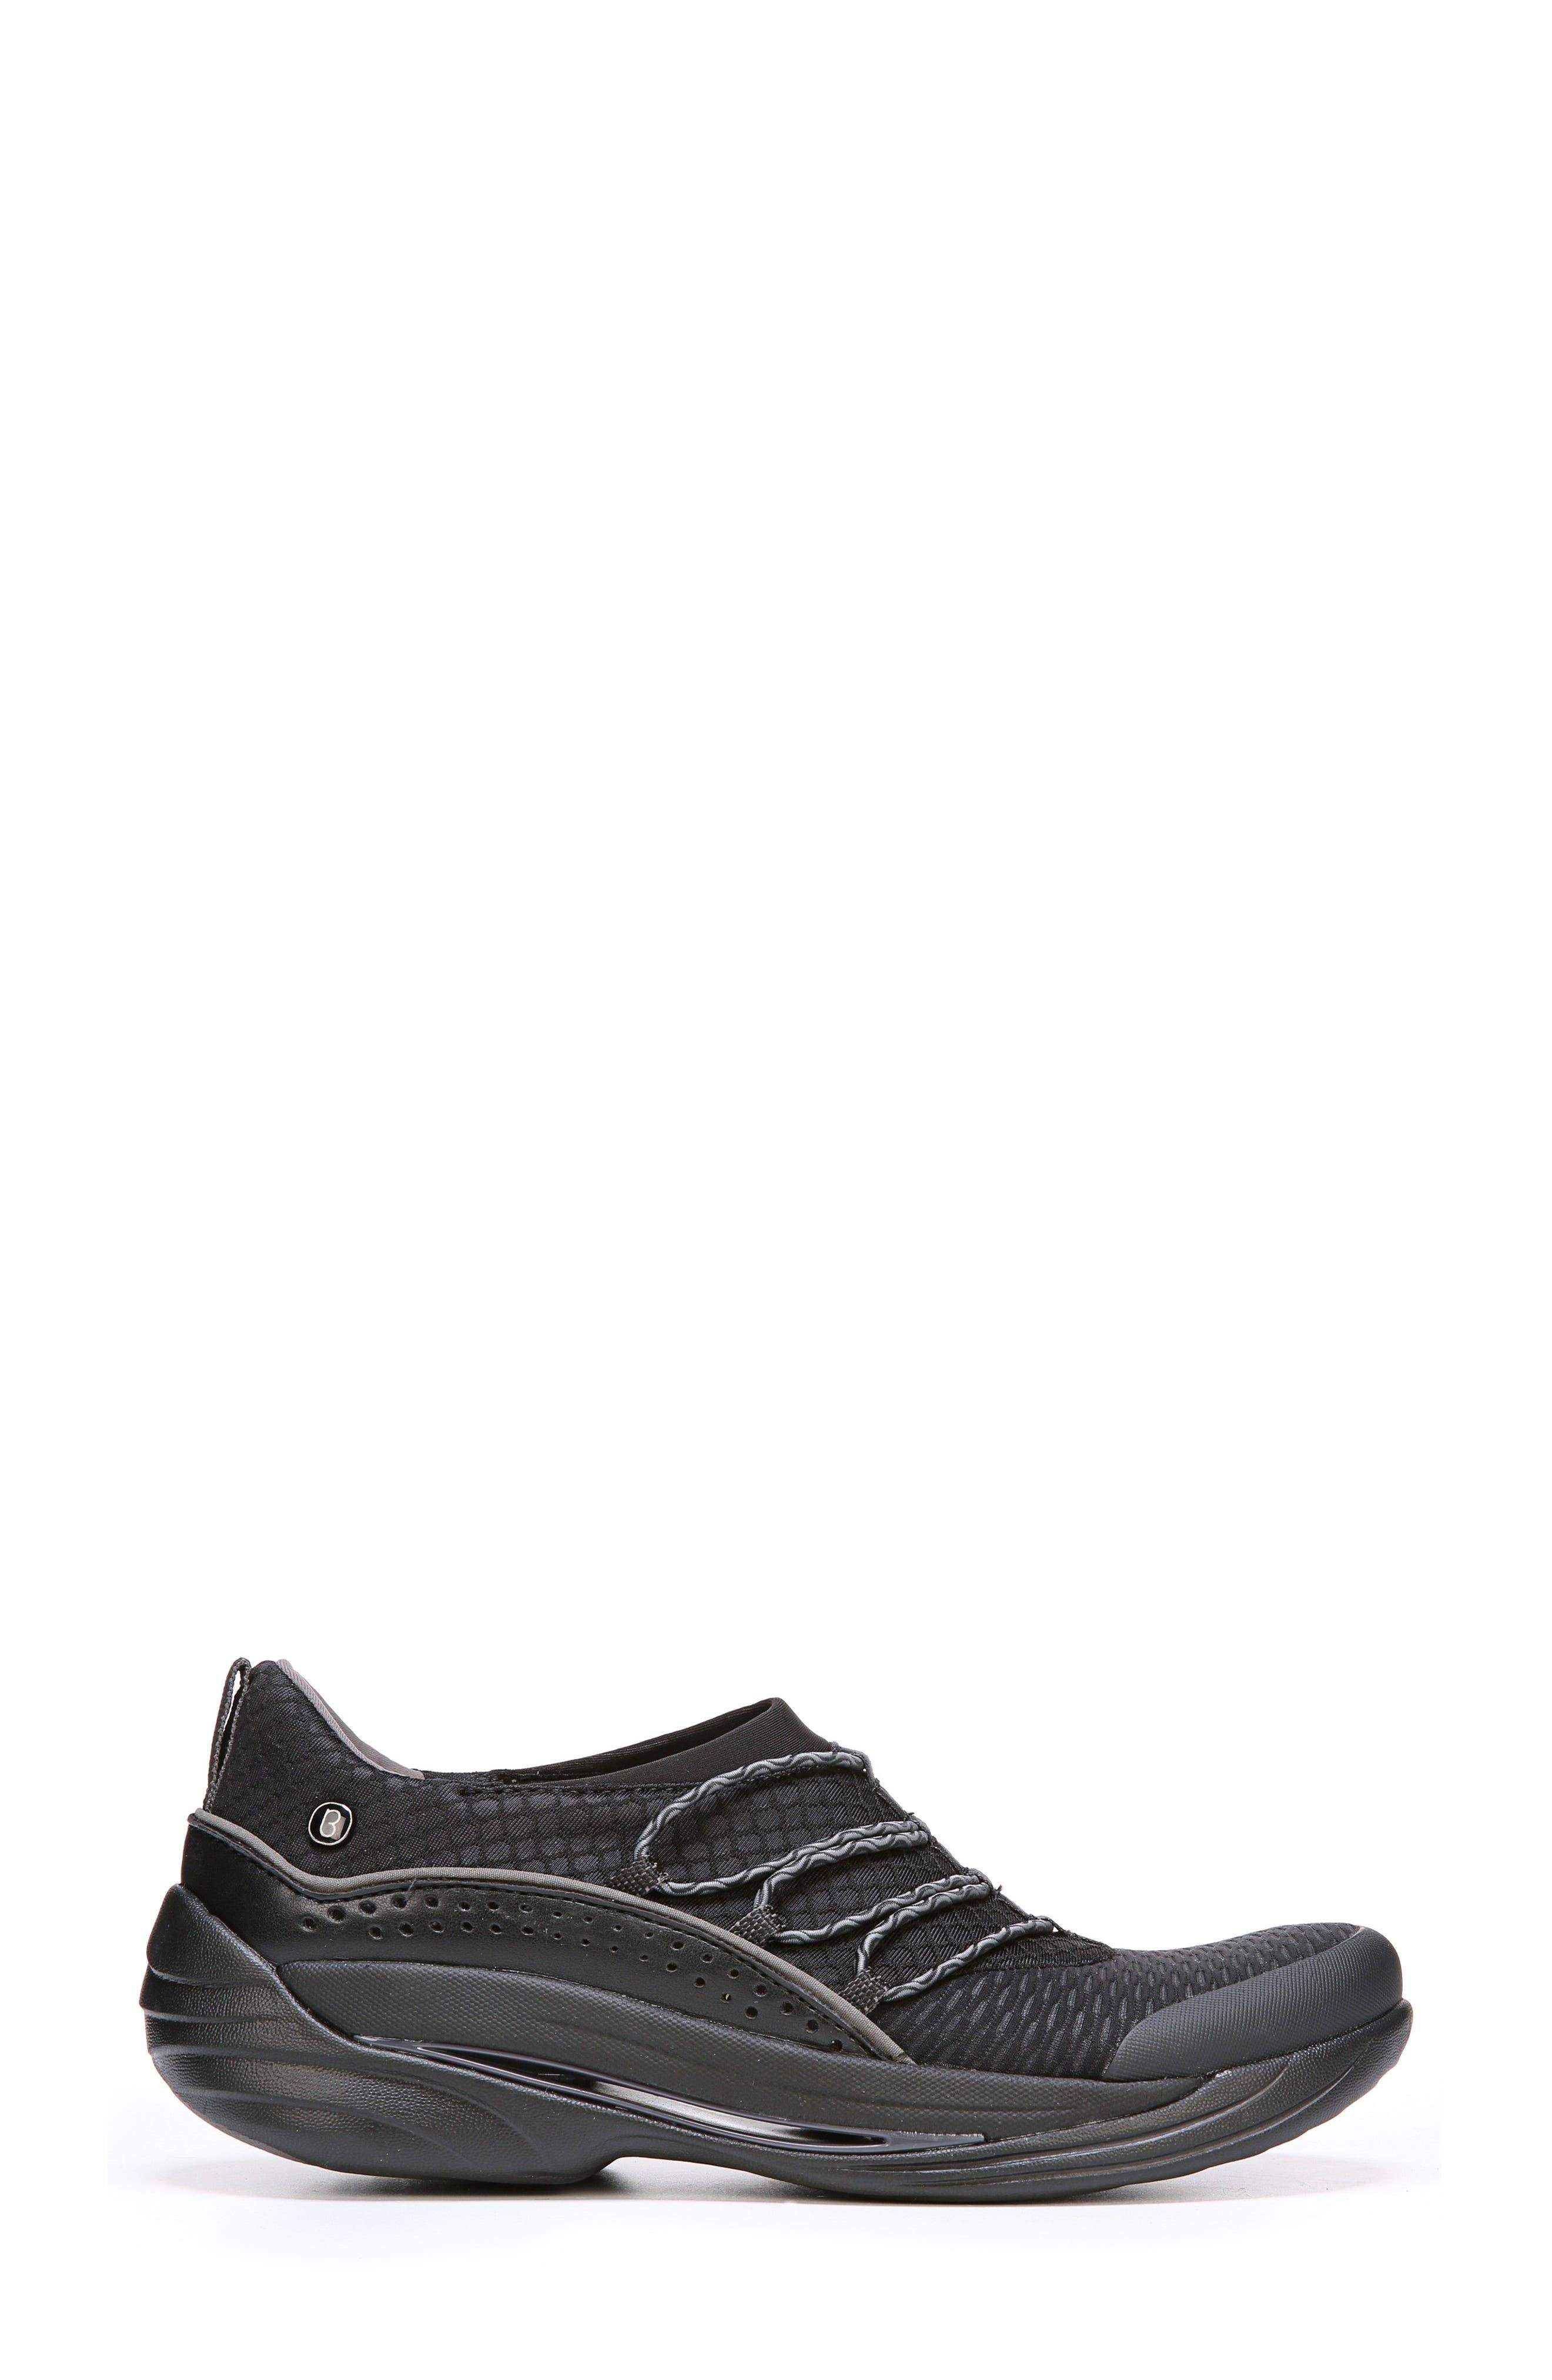 Pisces Slip-On Sneaker,                             Alternate thumbnail 3, color,                             Black